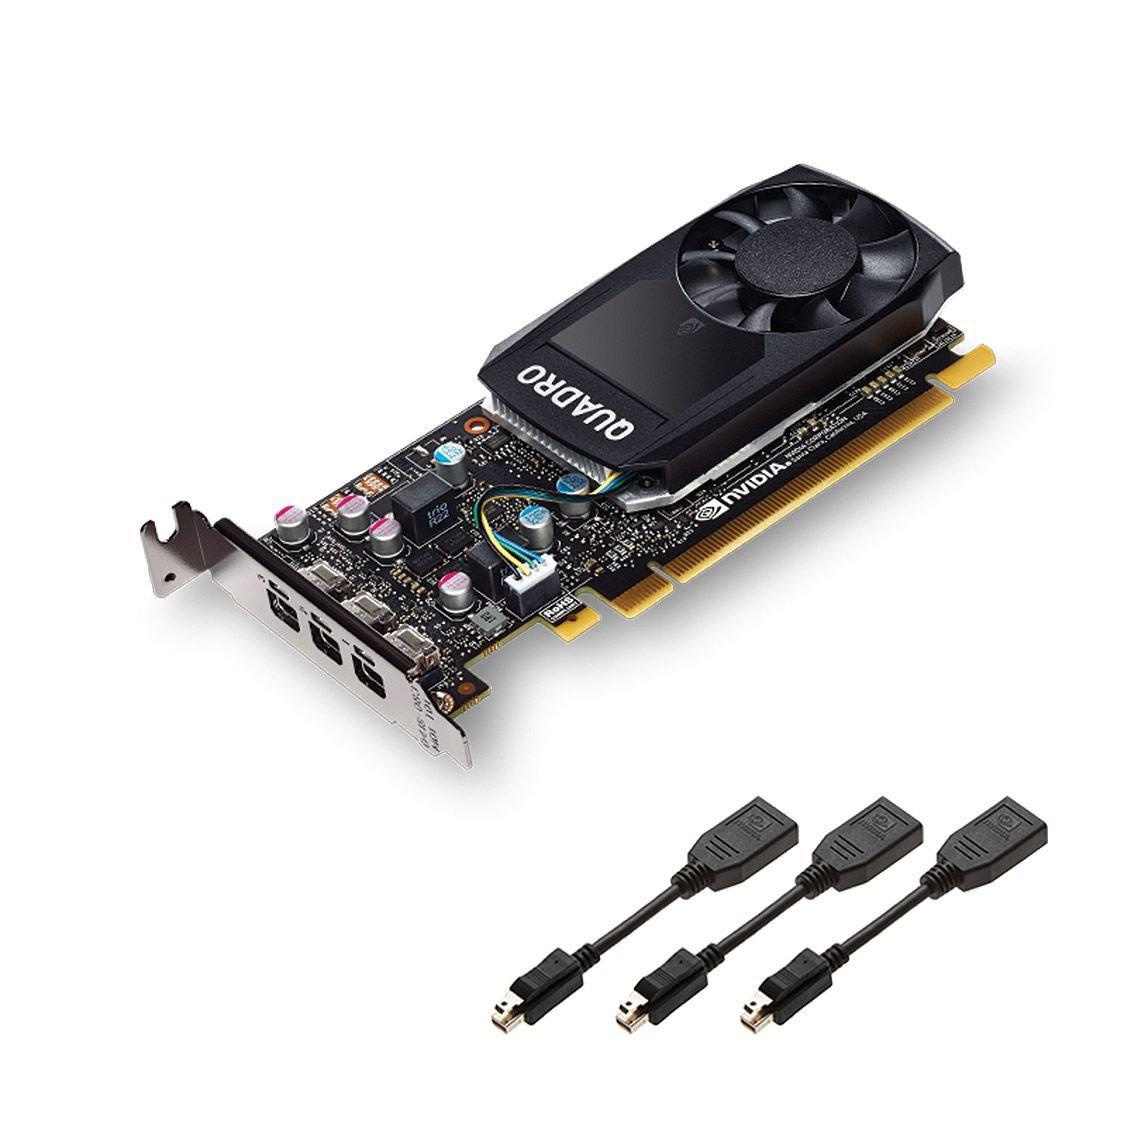 PLACA DE VIDEO LENOVO NVIDIA QUADRO P400 2GB GDDR5 64 BITS 3X MINI DISPLAY PORT PCIE 3.0 LP